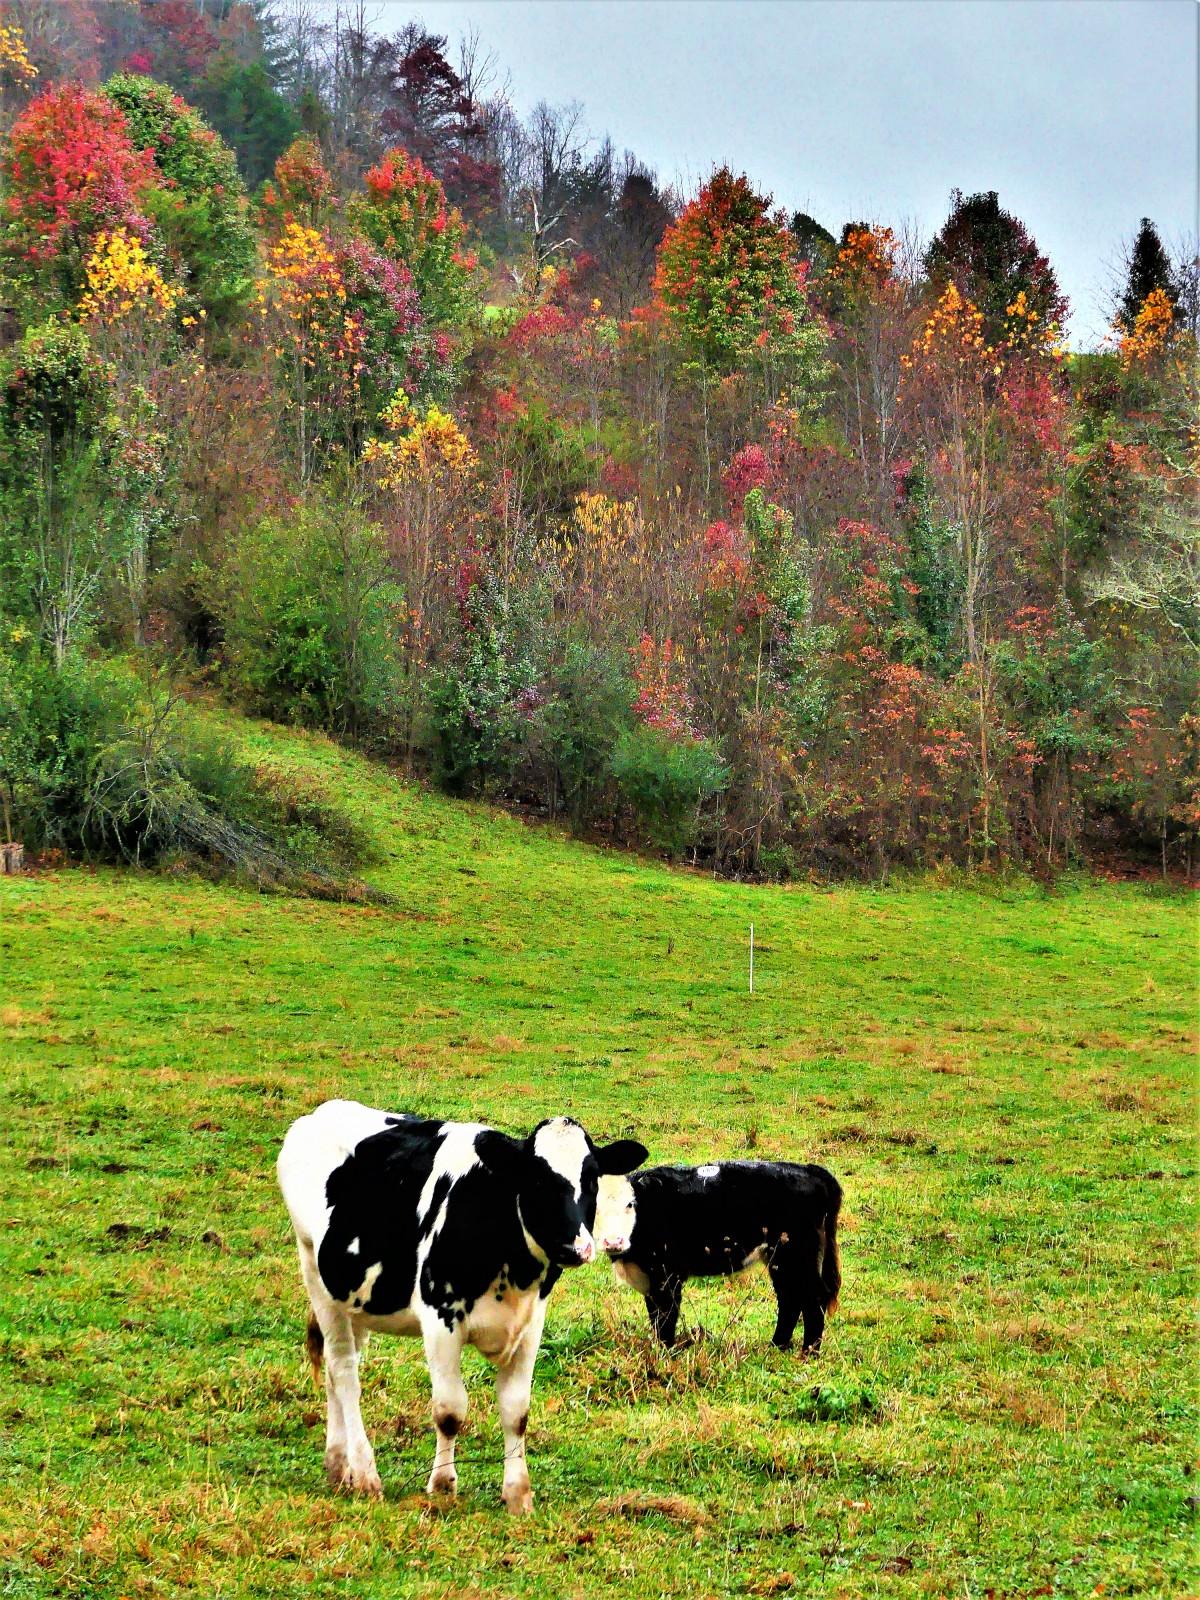 Smoky Mountain cows